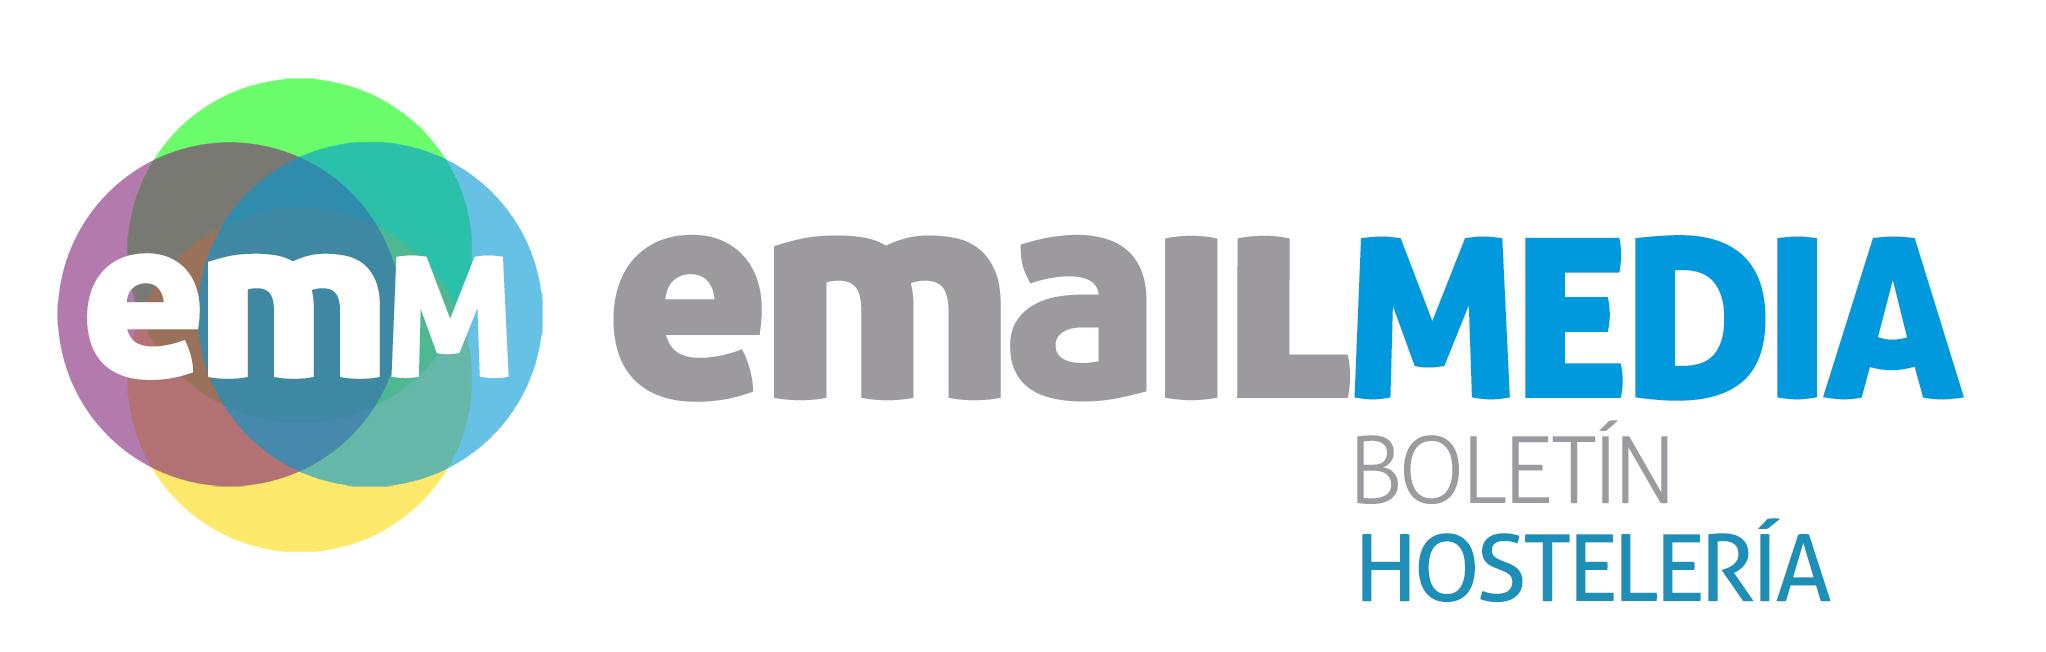 EmailMedia Boletín Hostelería